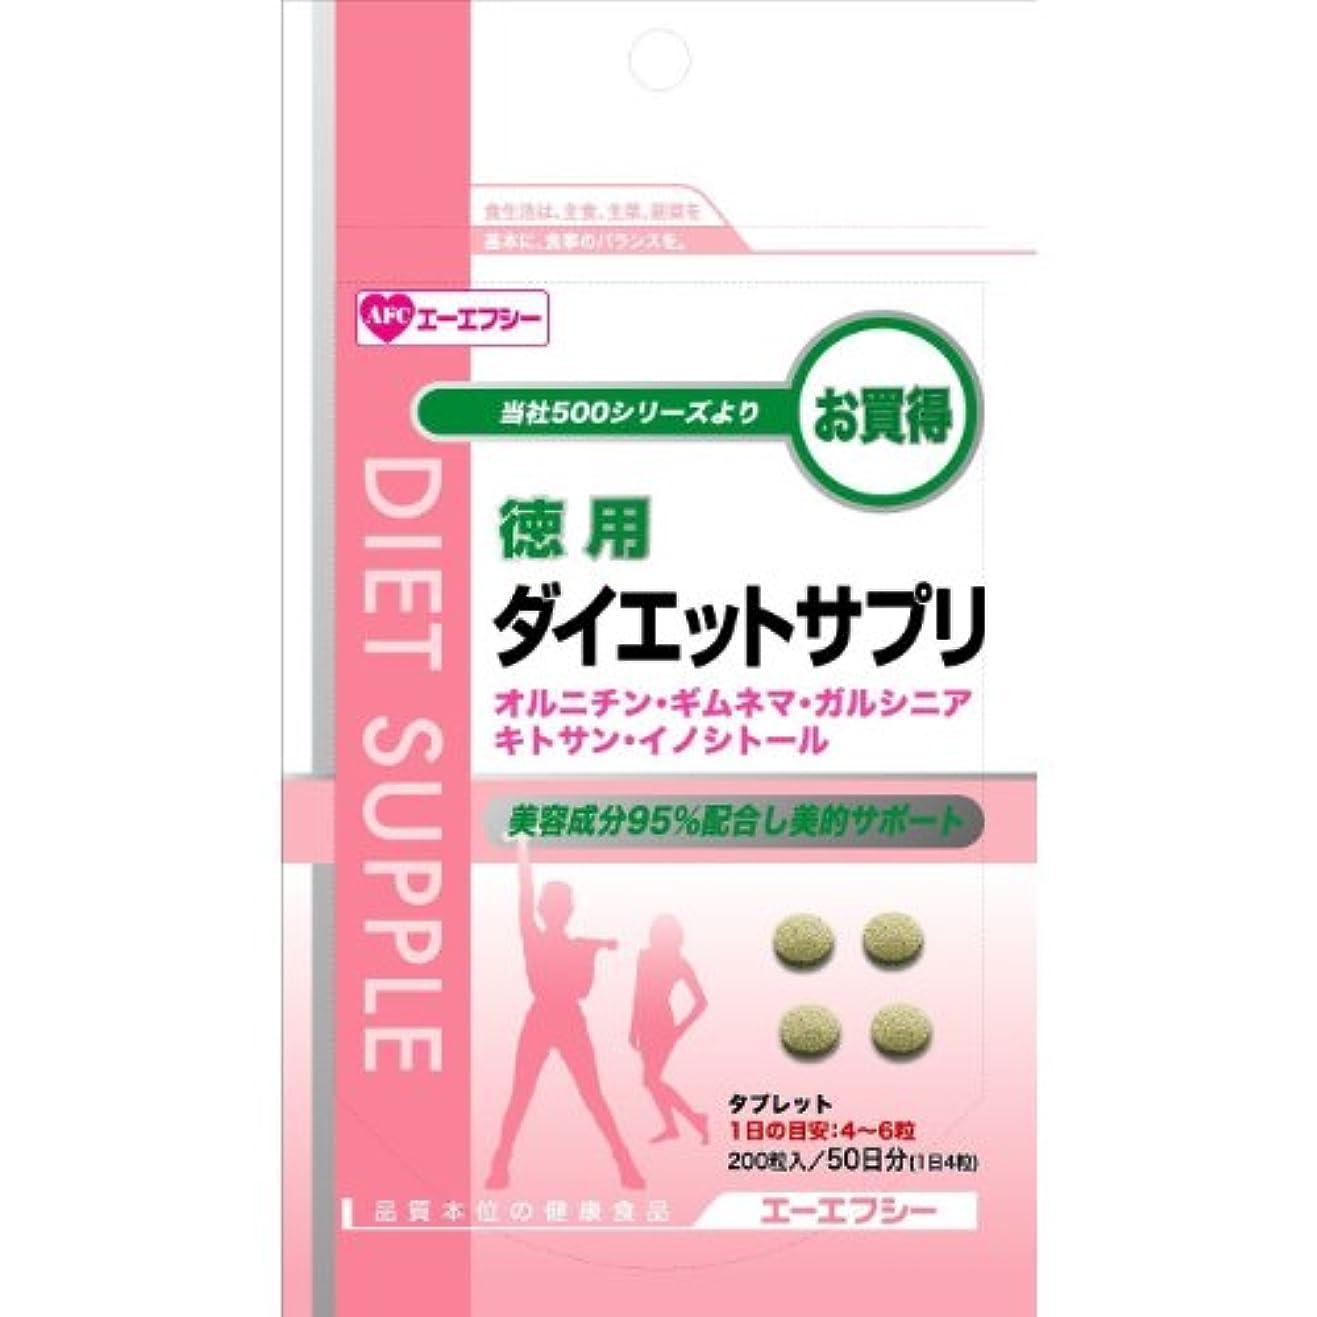 納得させるジェスチャーレンディションAFC980円シリーズ 徳用 ダイエットサプリ 200粒入 (約50日分)【6袋セット】